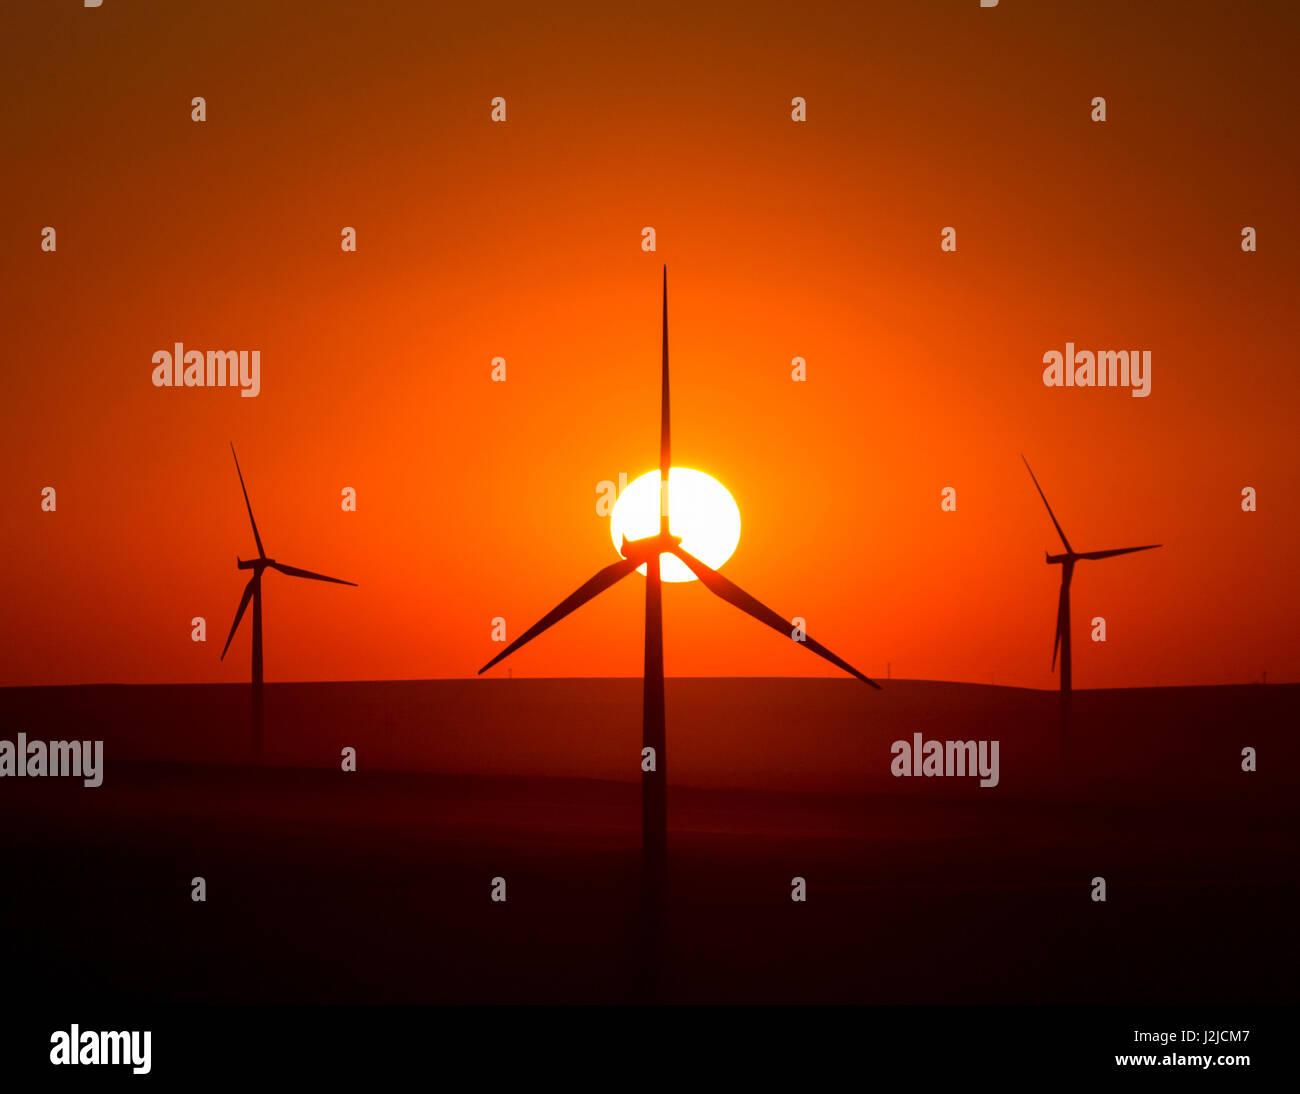 USA, Washington State, Walla Walla County. Windmühlen in der südwestlichen Ecke des Countys. Stateline Wind-Projekt. Stockfoto